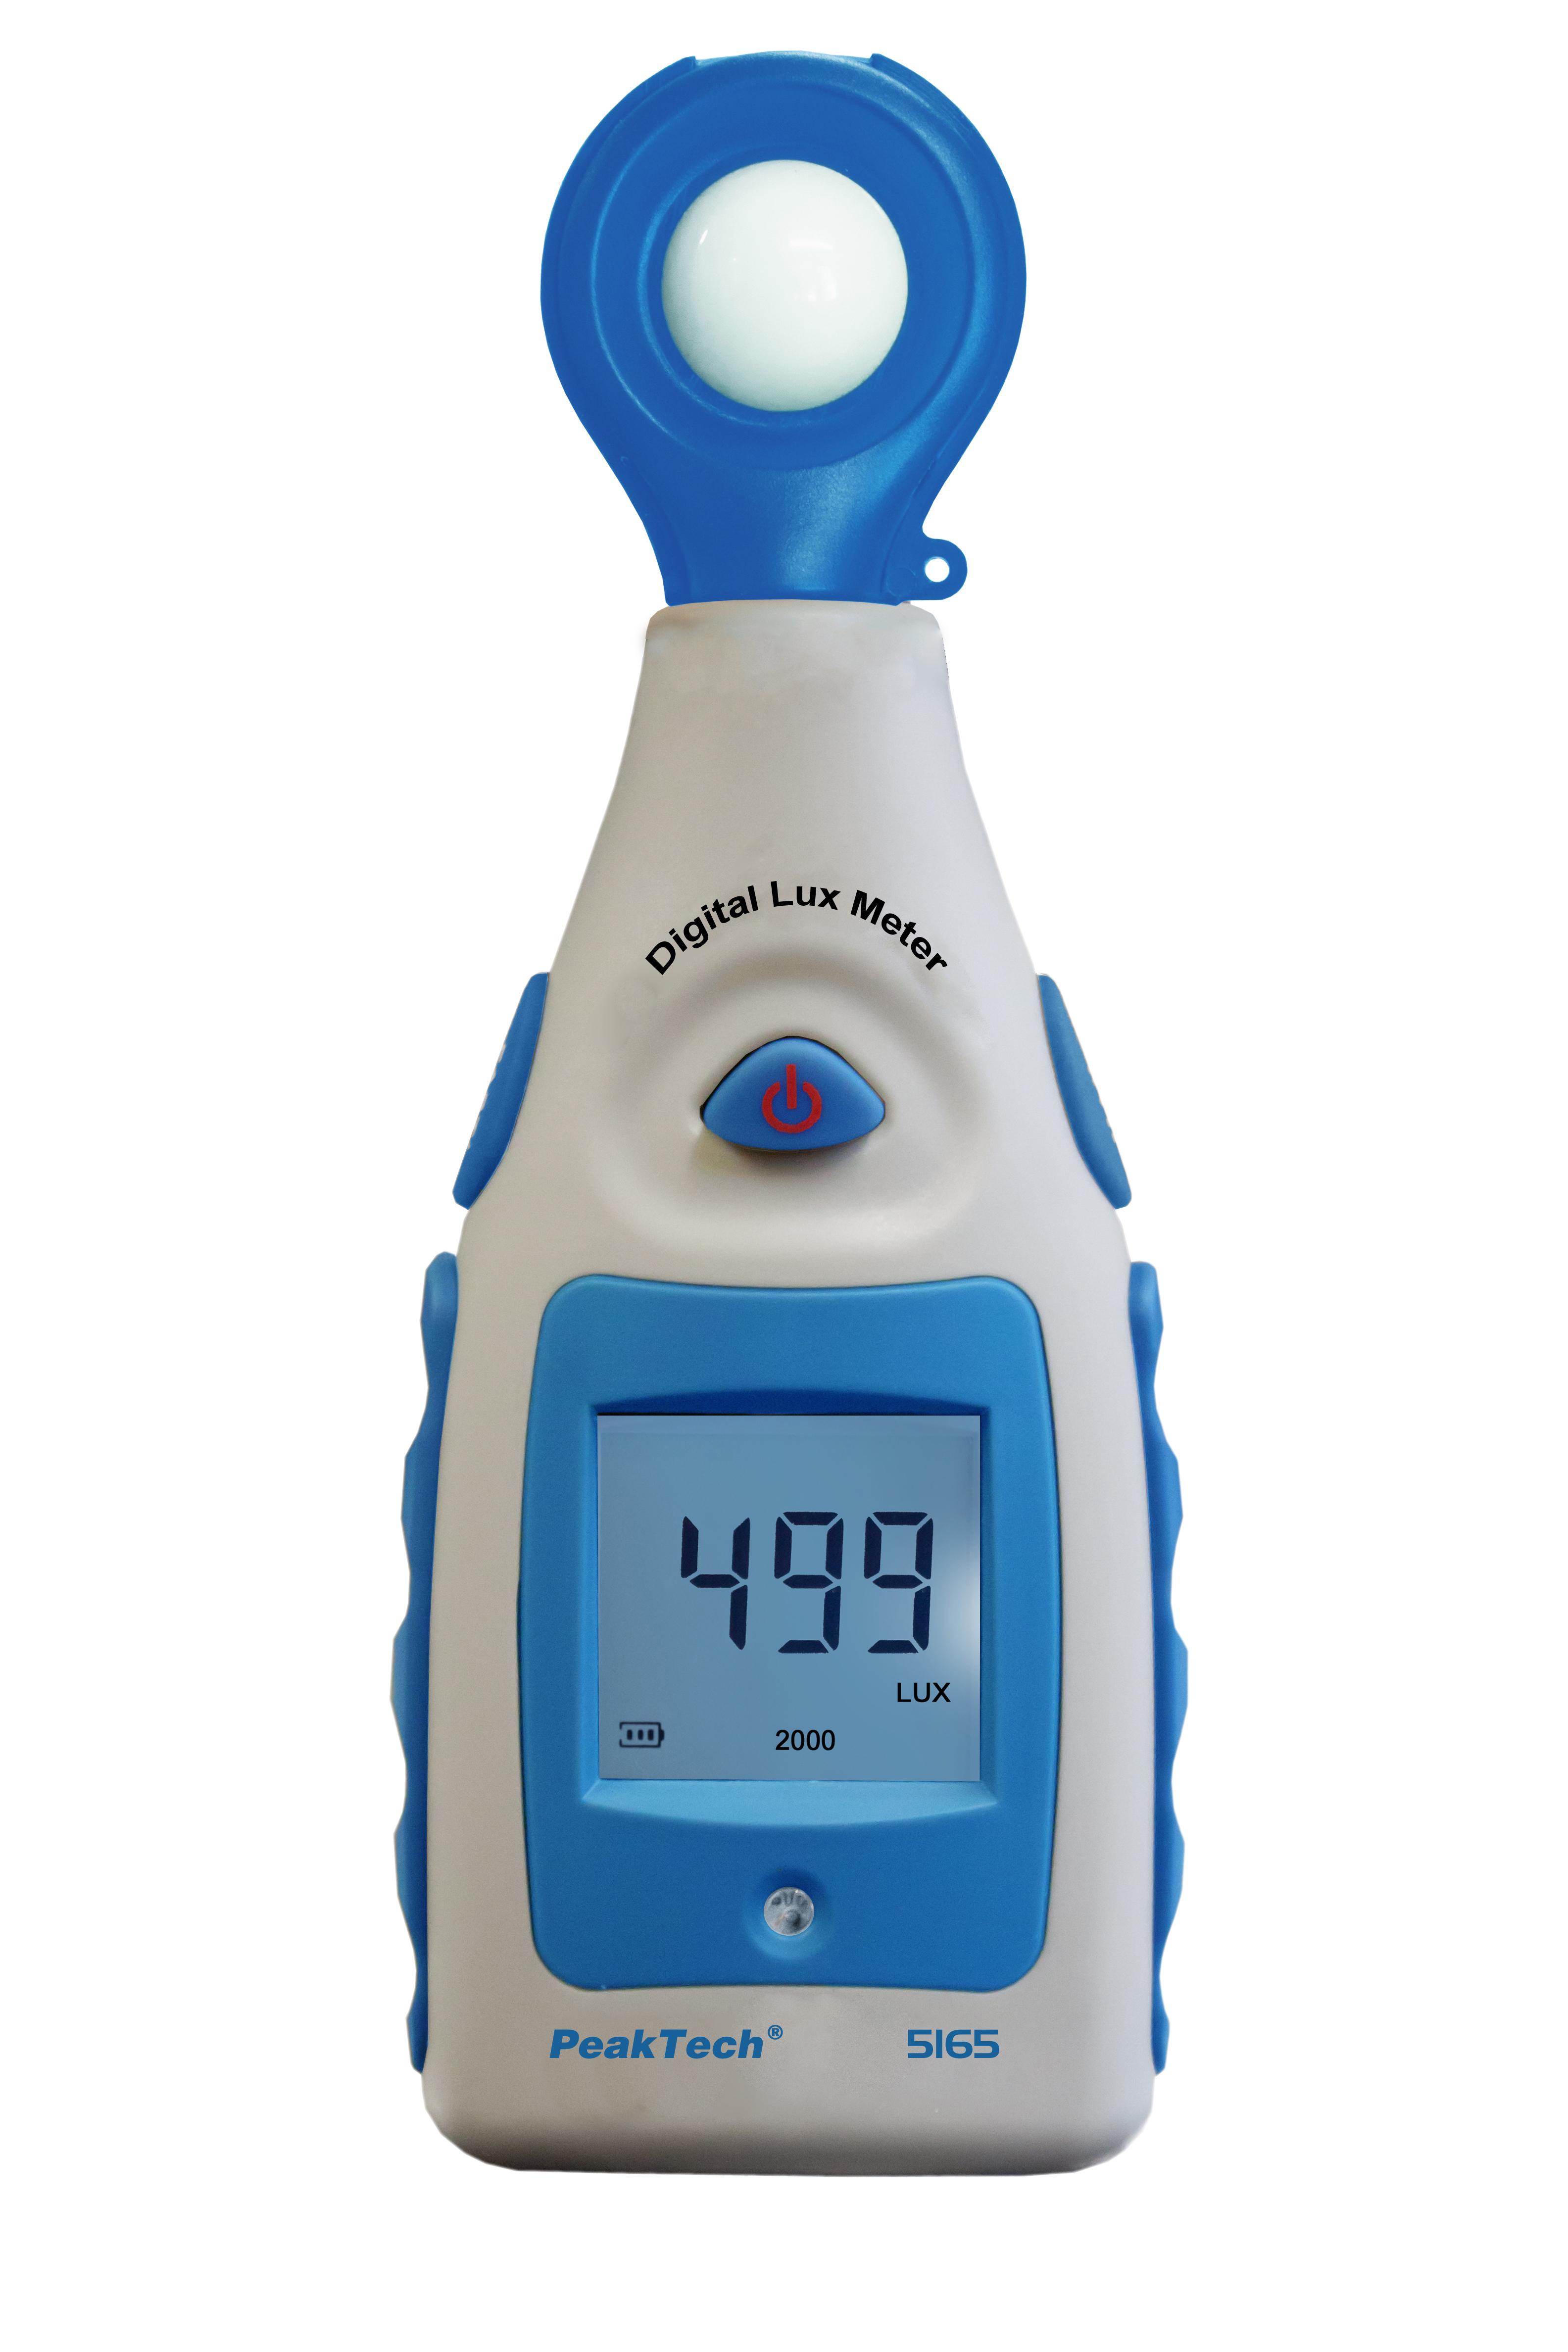 «PeakTech® P 5165» Digital-Lux-Meter 0...200.000 Lux